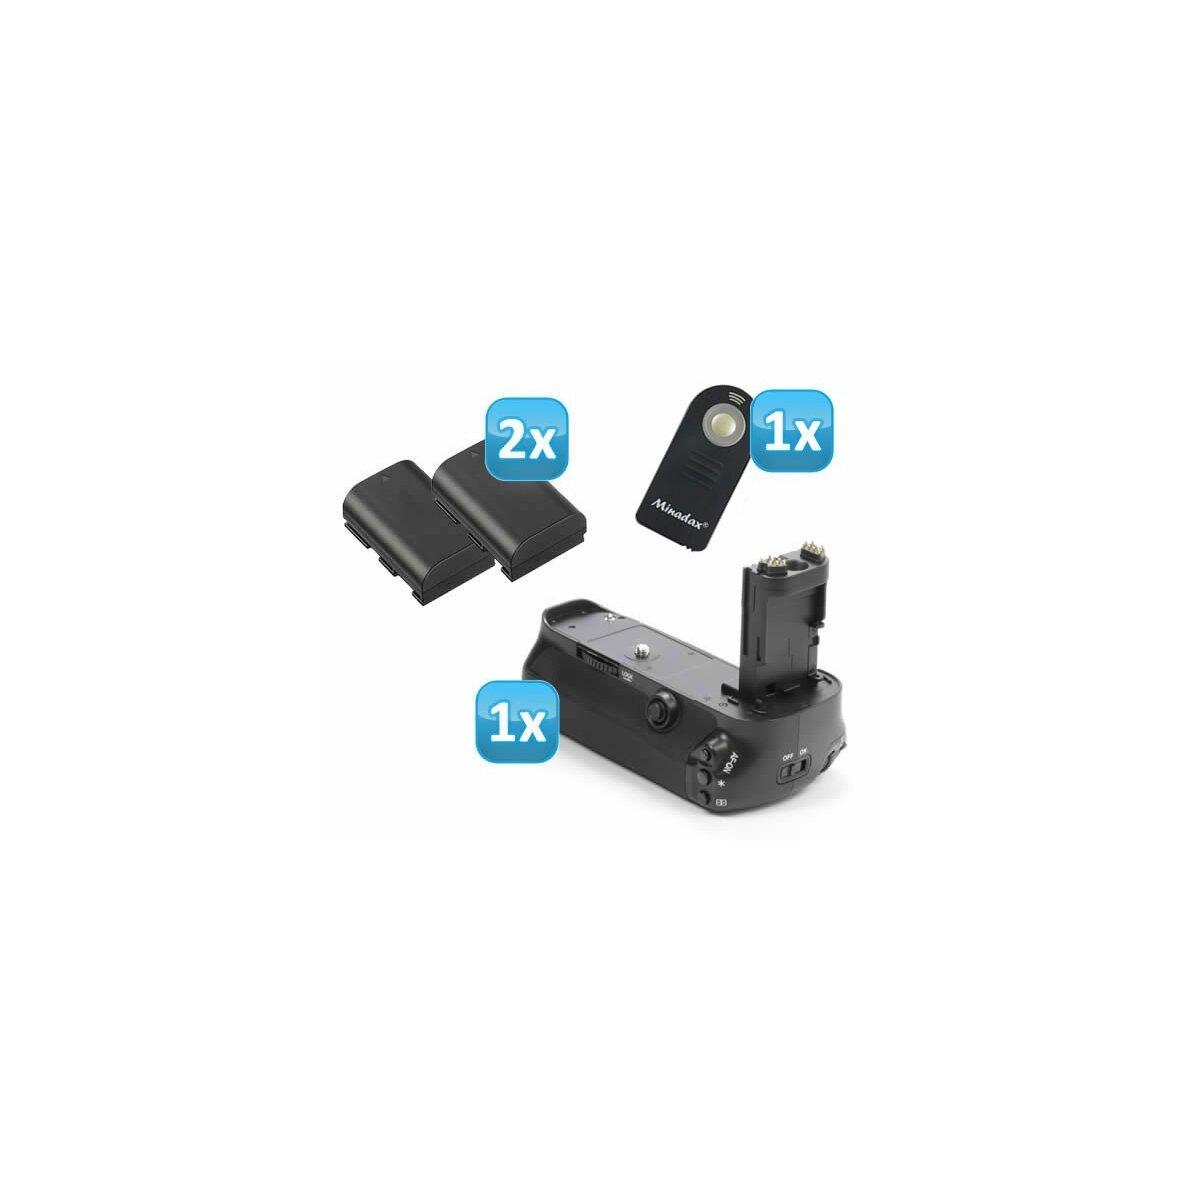 Profi Batteriegriff kompatibel mit Canon EOS 5DS, 5DS R, 5D Mark III als BG-E11 Ersatz + 2x LP-E6 Nachbau-Akkus + 1x Infrarot Fernbedienung!